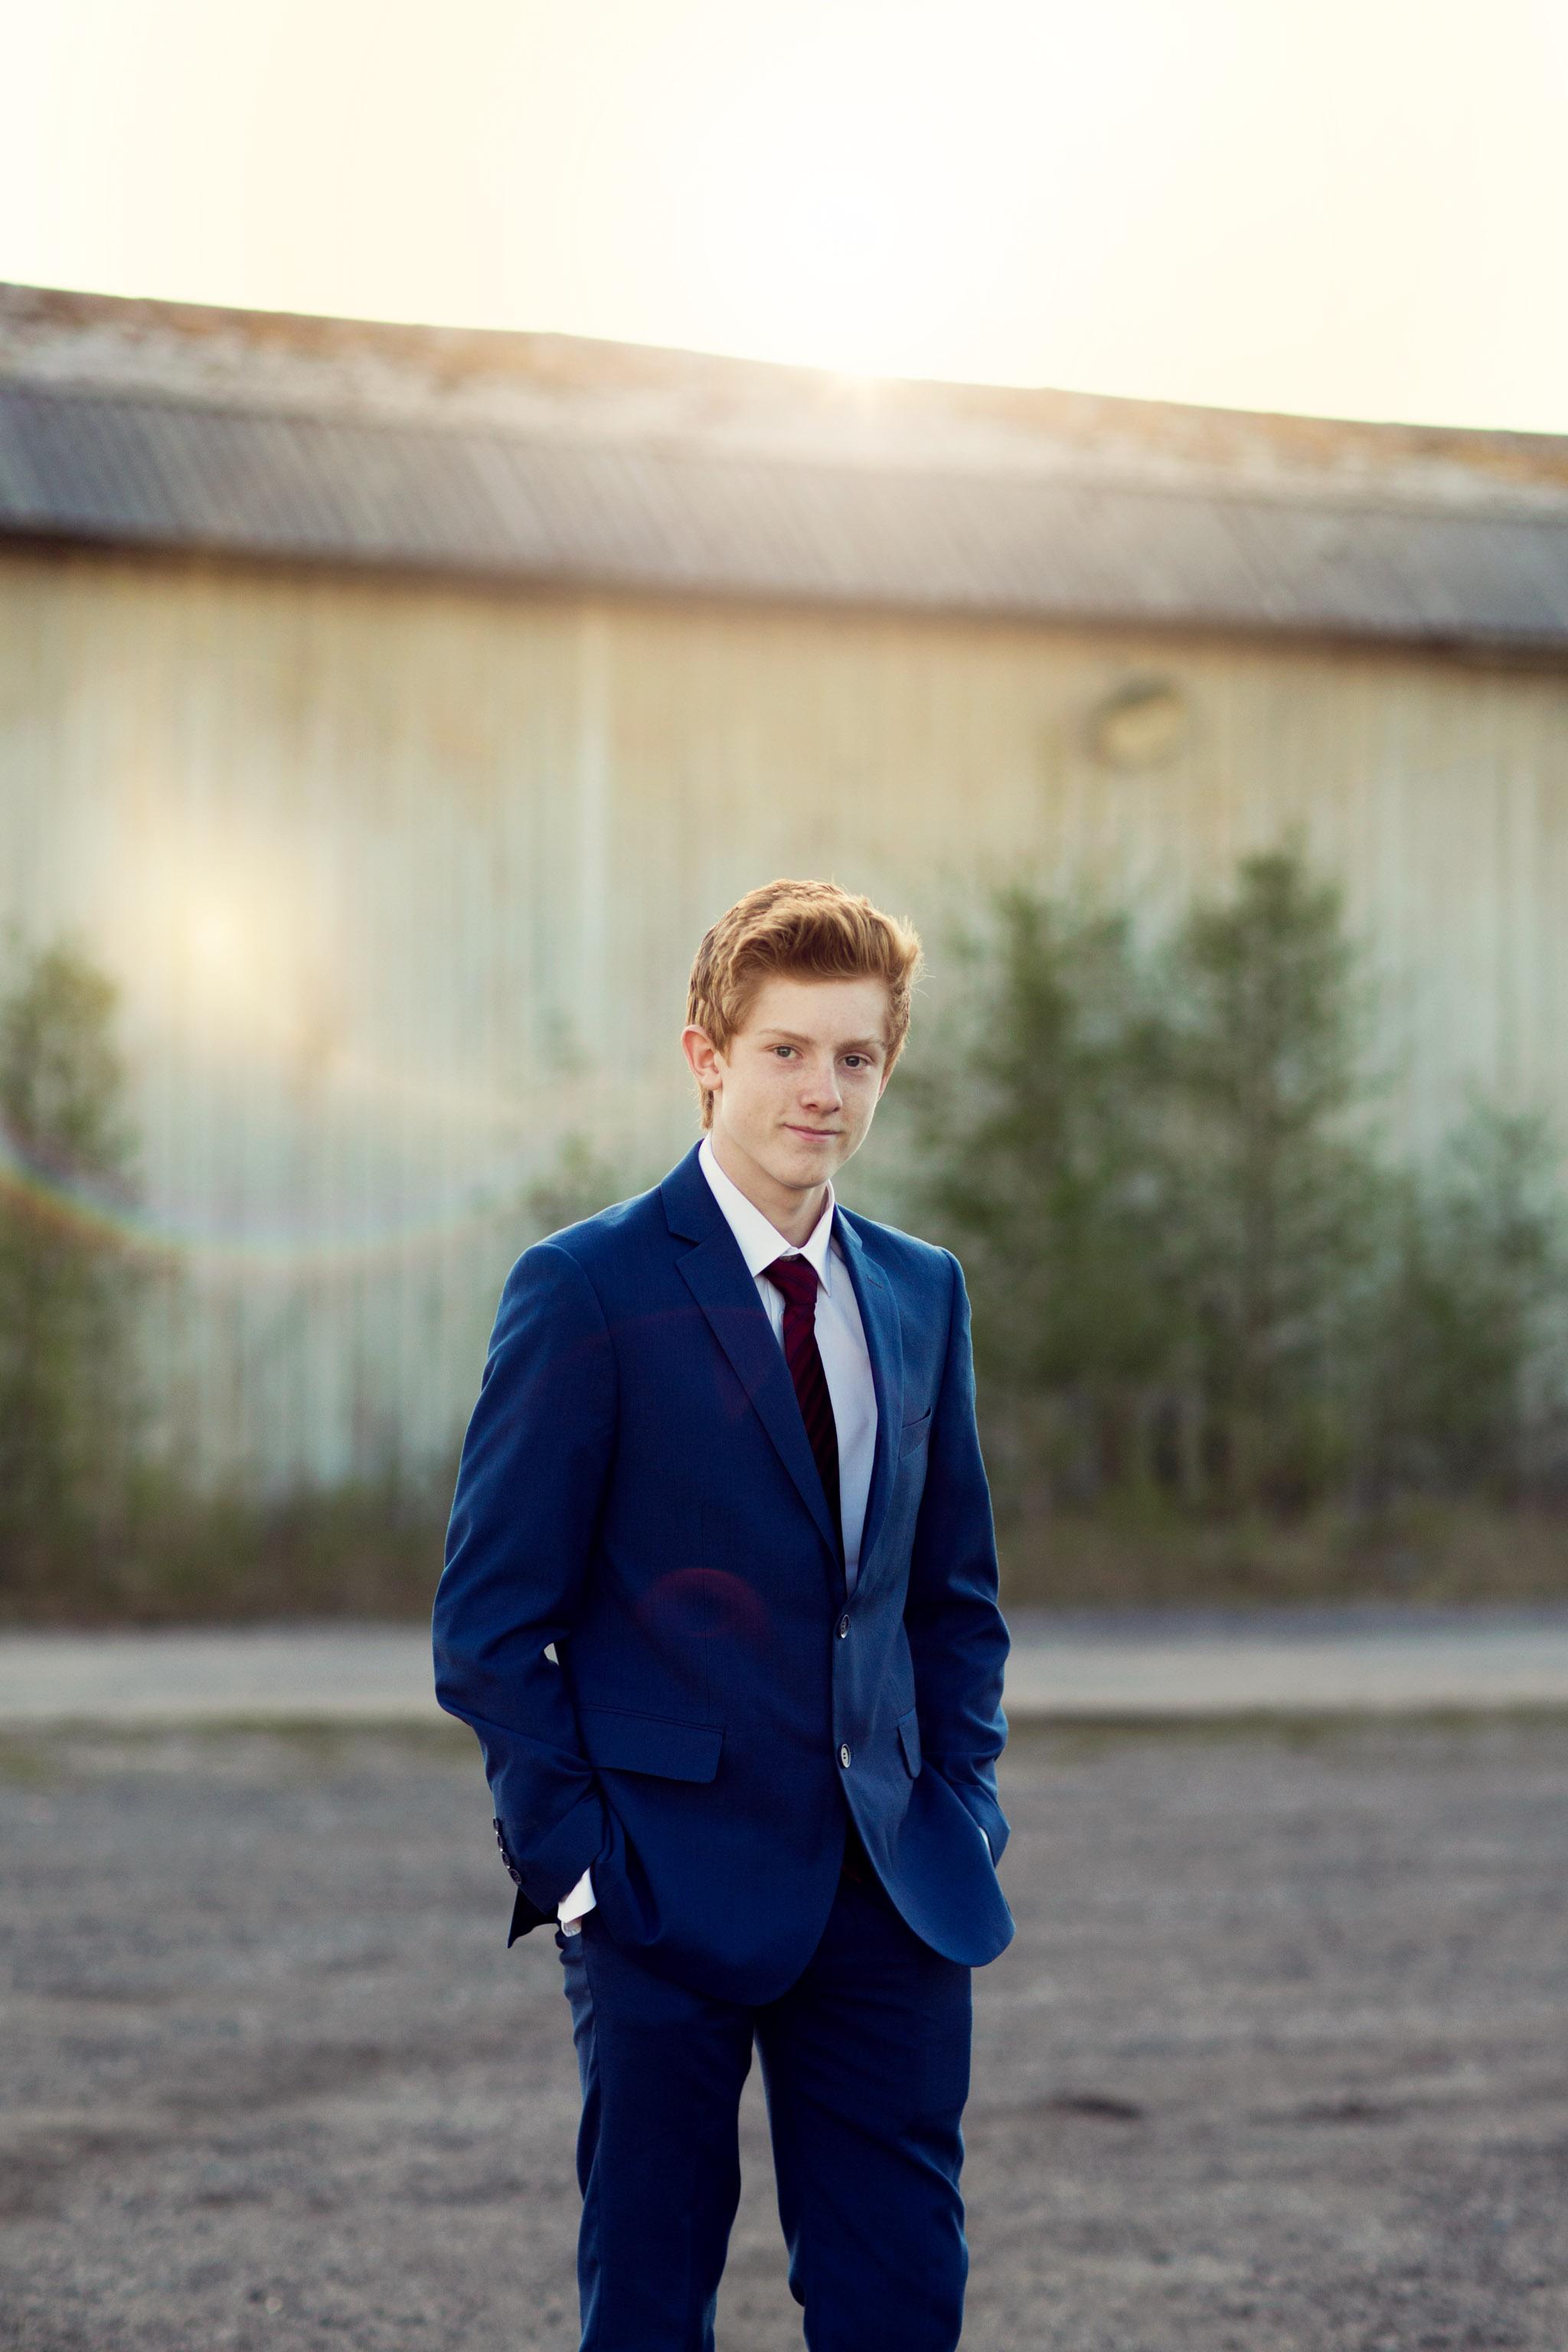 Konfirmasjonsfoto - gutt i dress - Fotograf Ida Hvattum